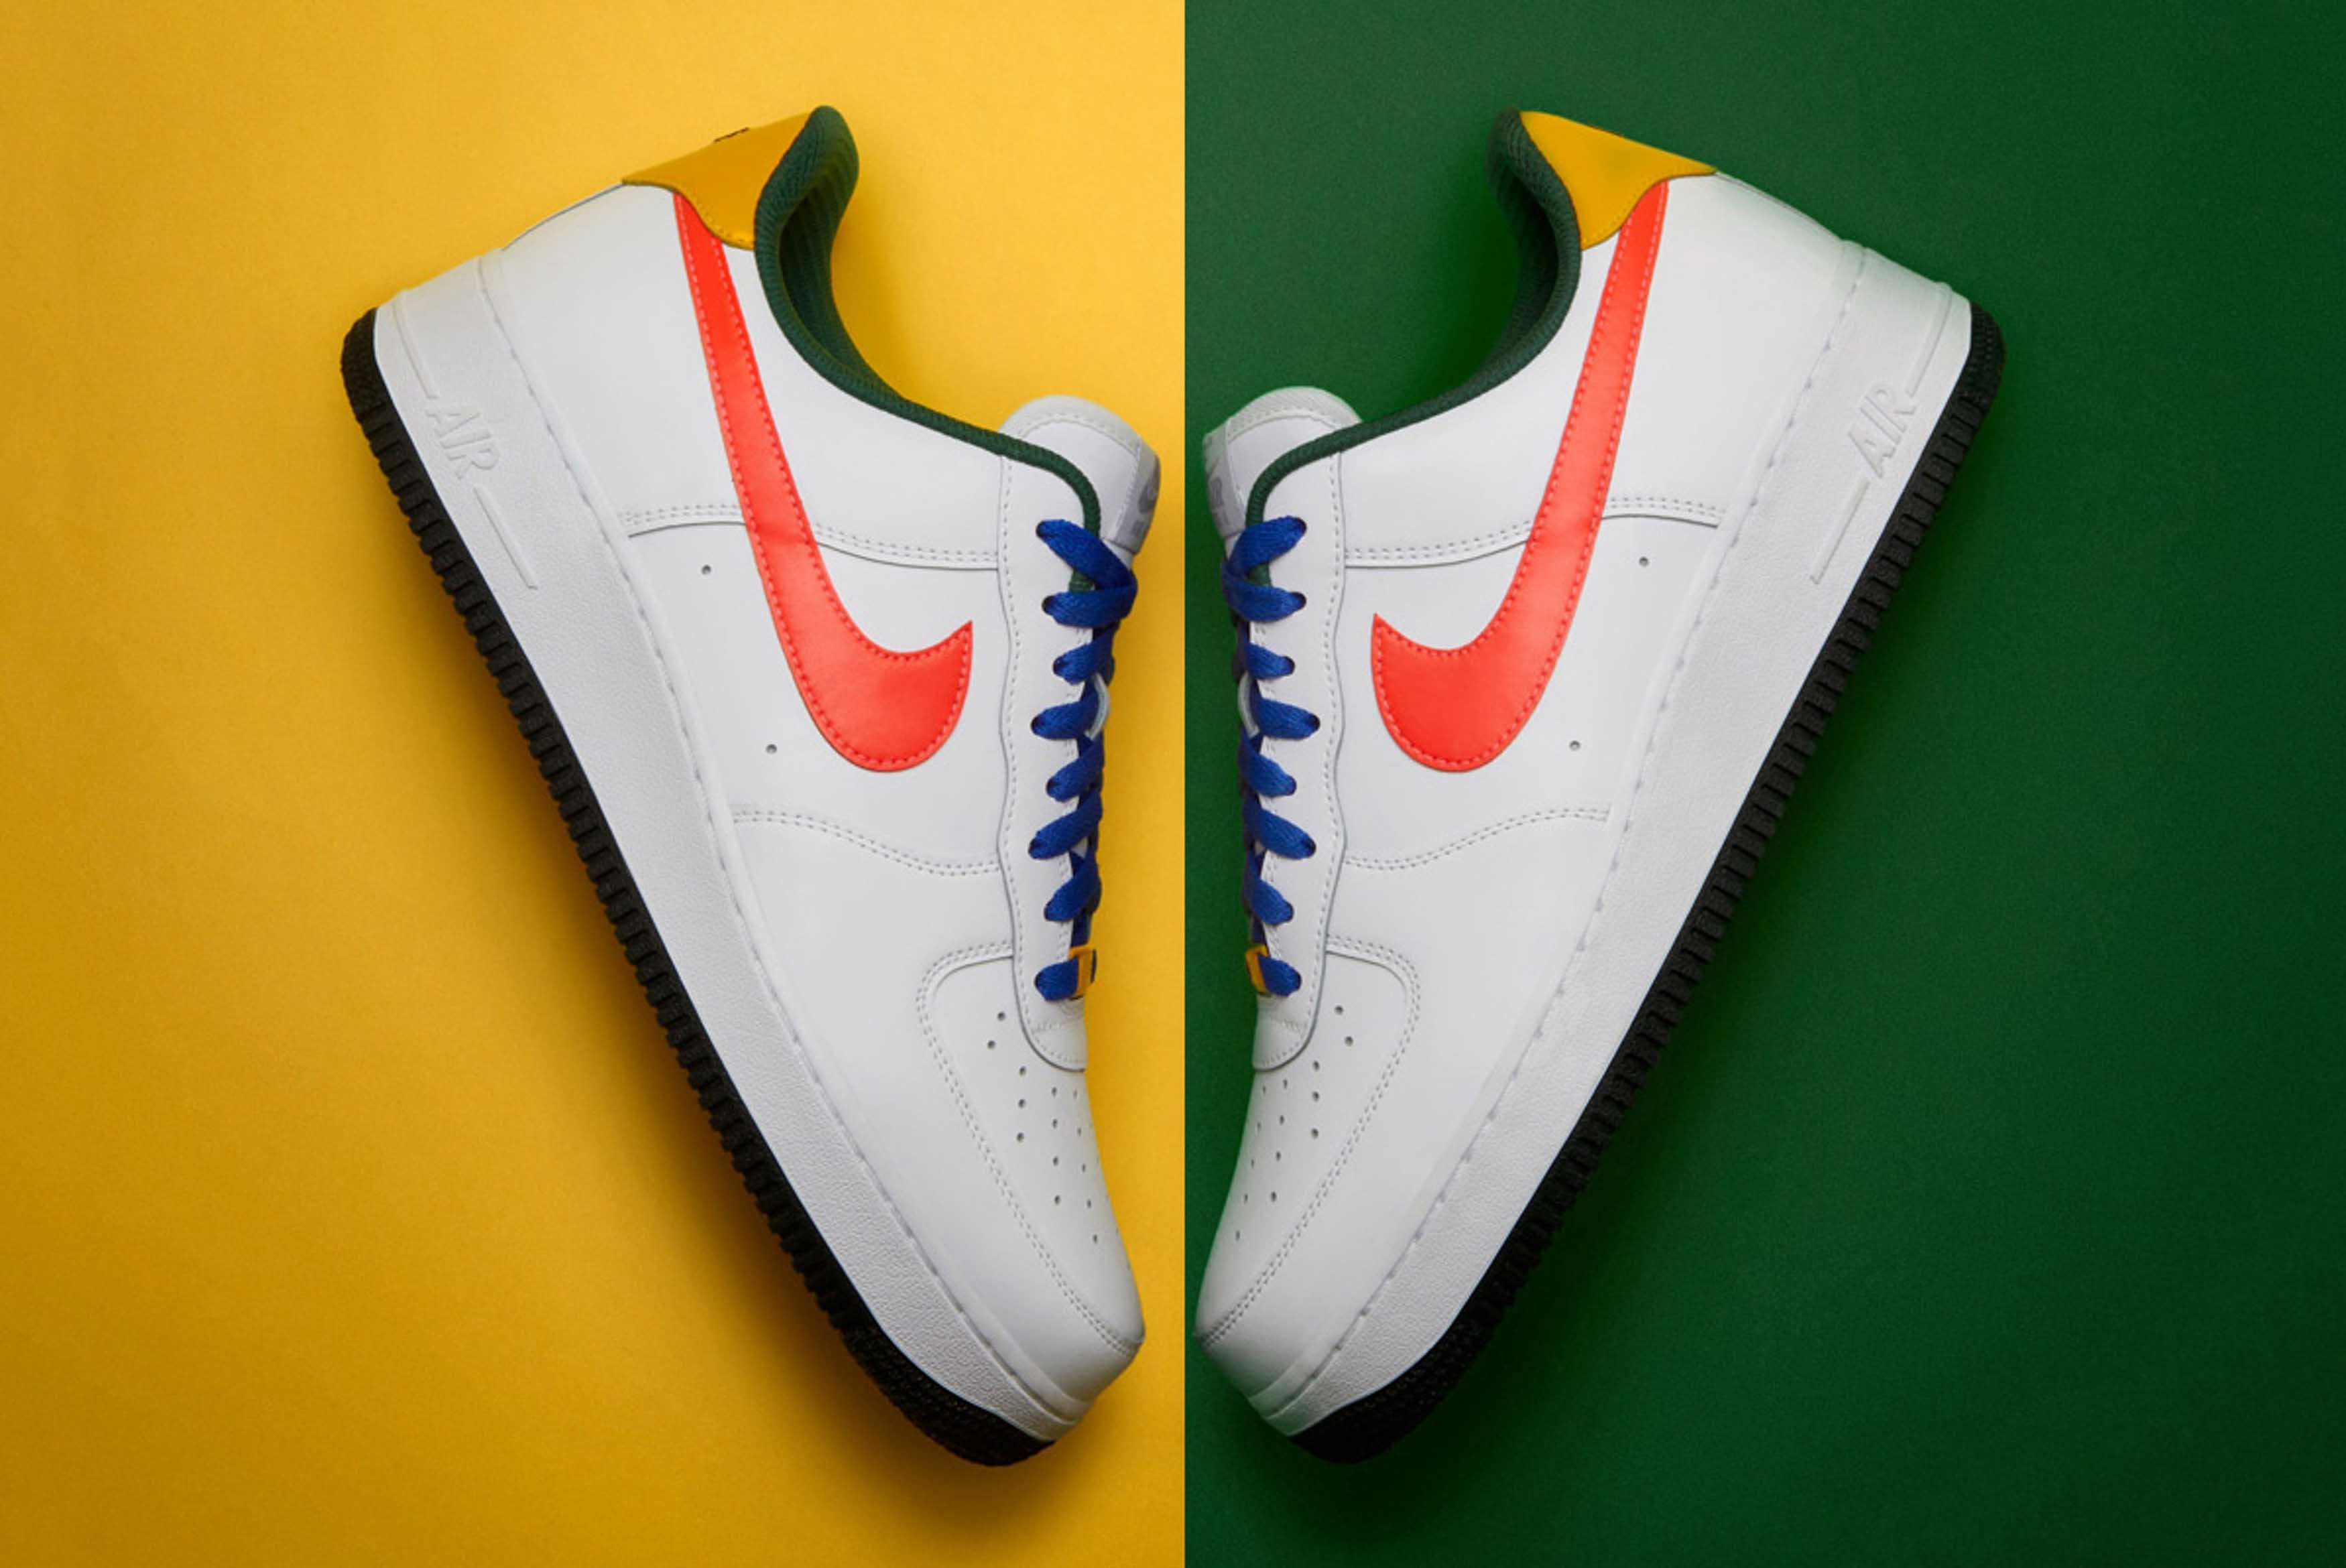 Ruba Abu Nimah Nike Air Force 1 Low Love 1 Sneaker Freaker